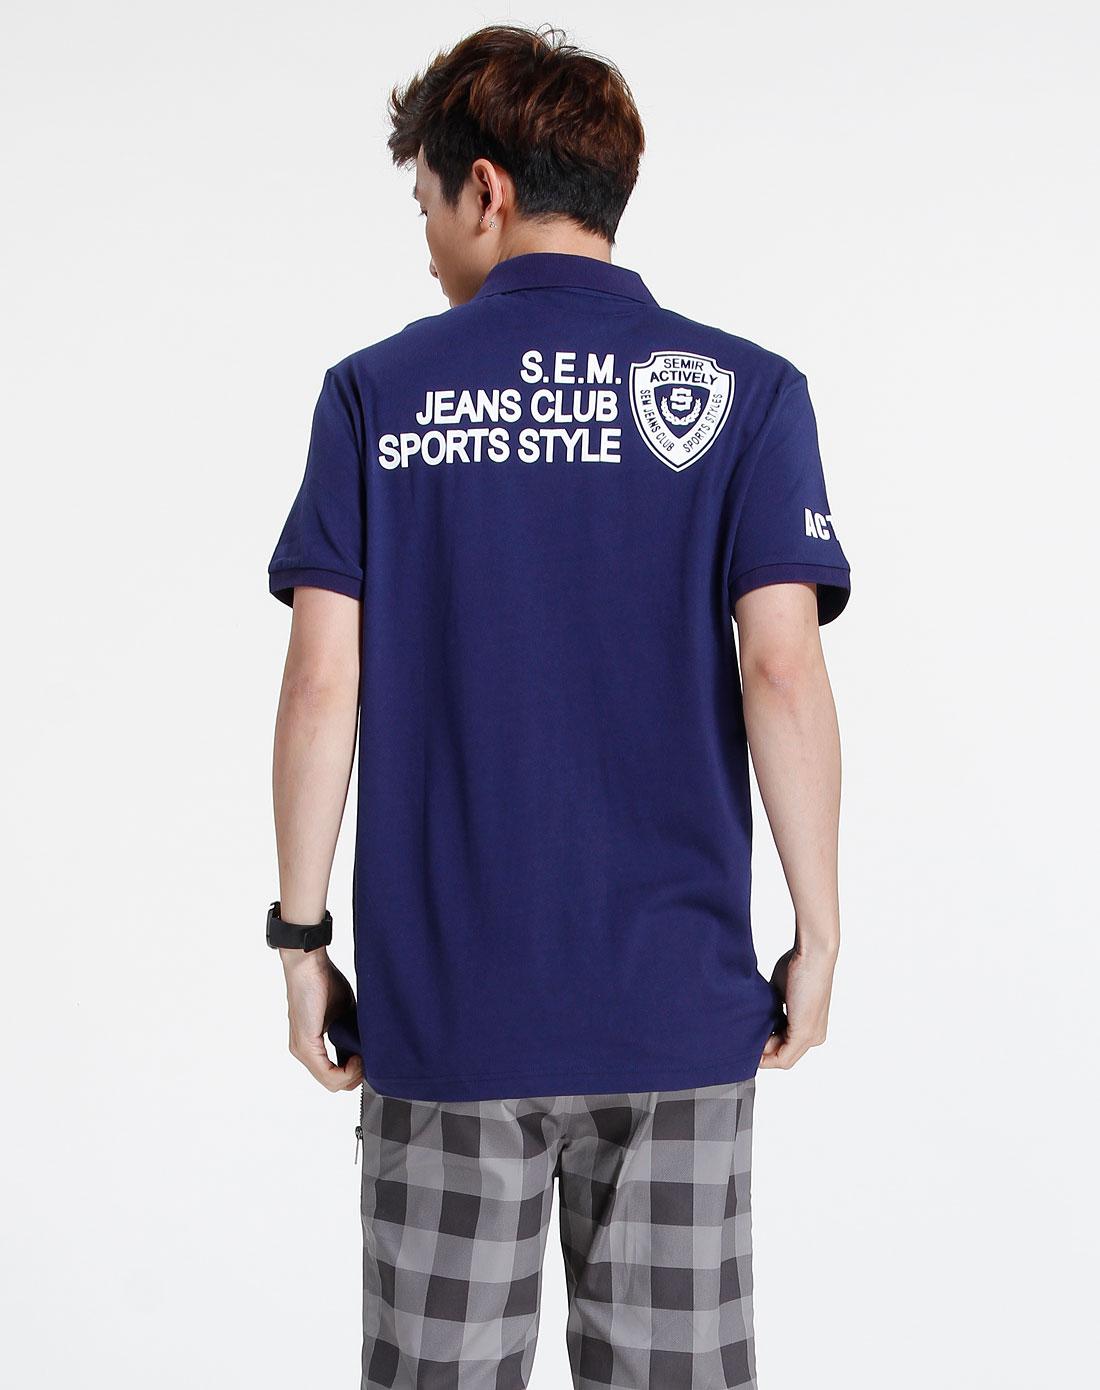 森马-男装深蓝色休闲短袖t恤002151118-812图片